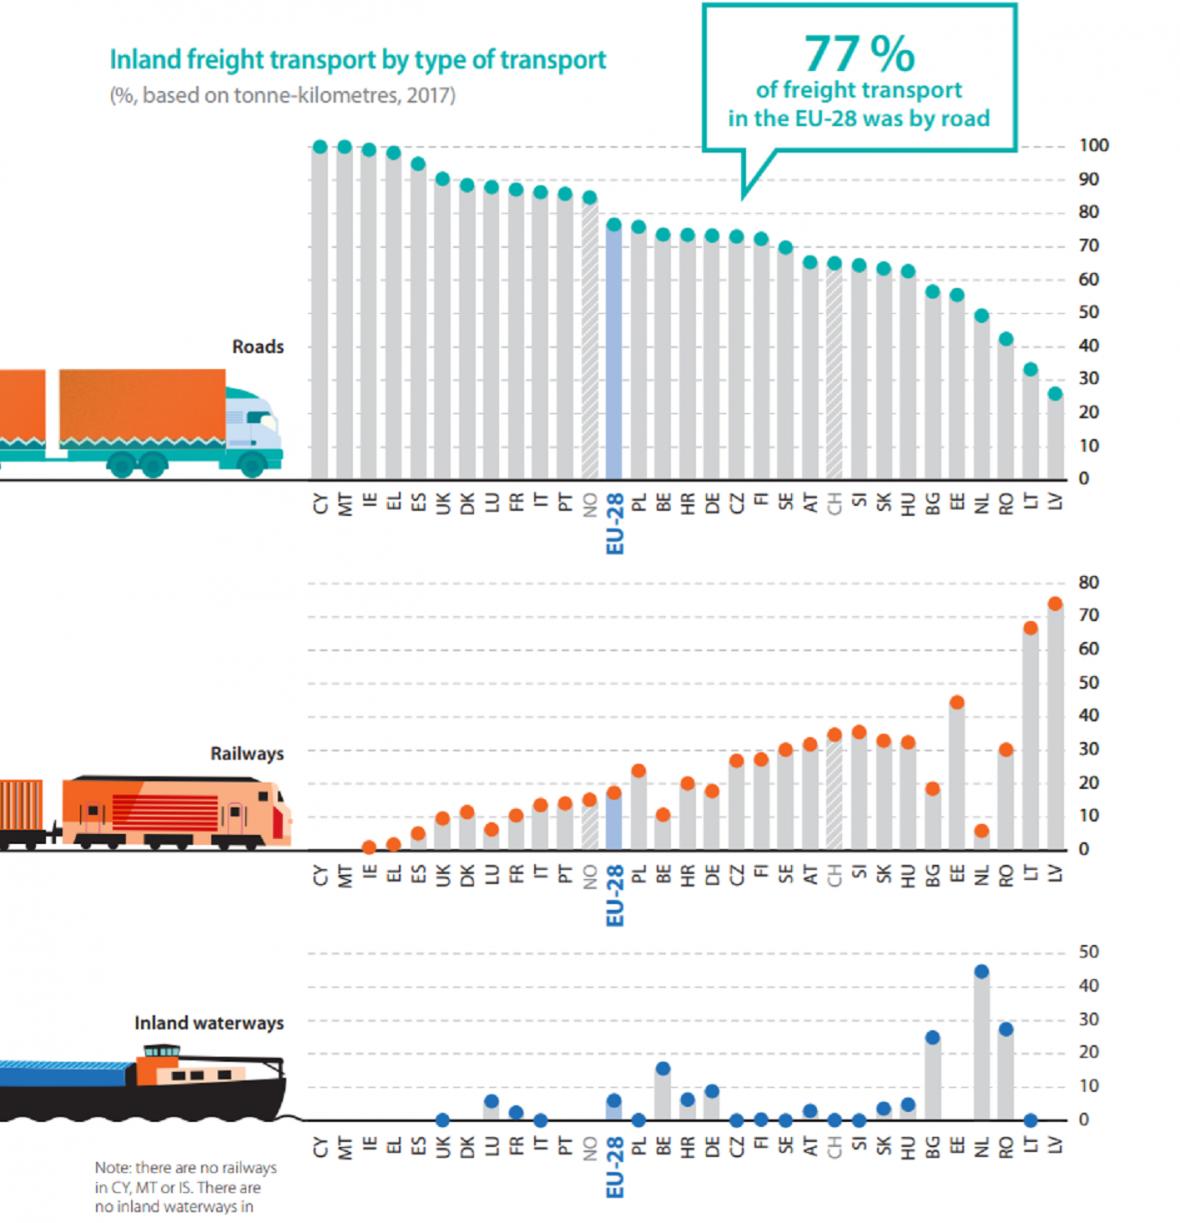 Podíl zboží přepraveného po silnici, železnici a vnitřních vodních cestách